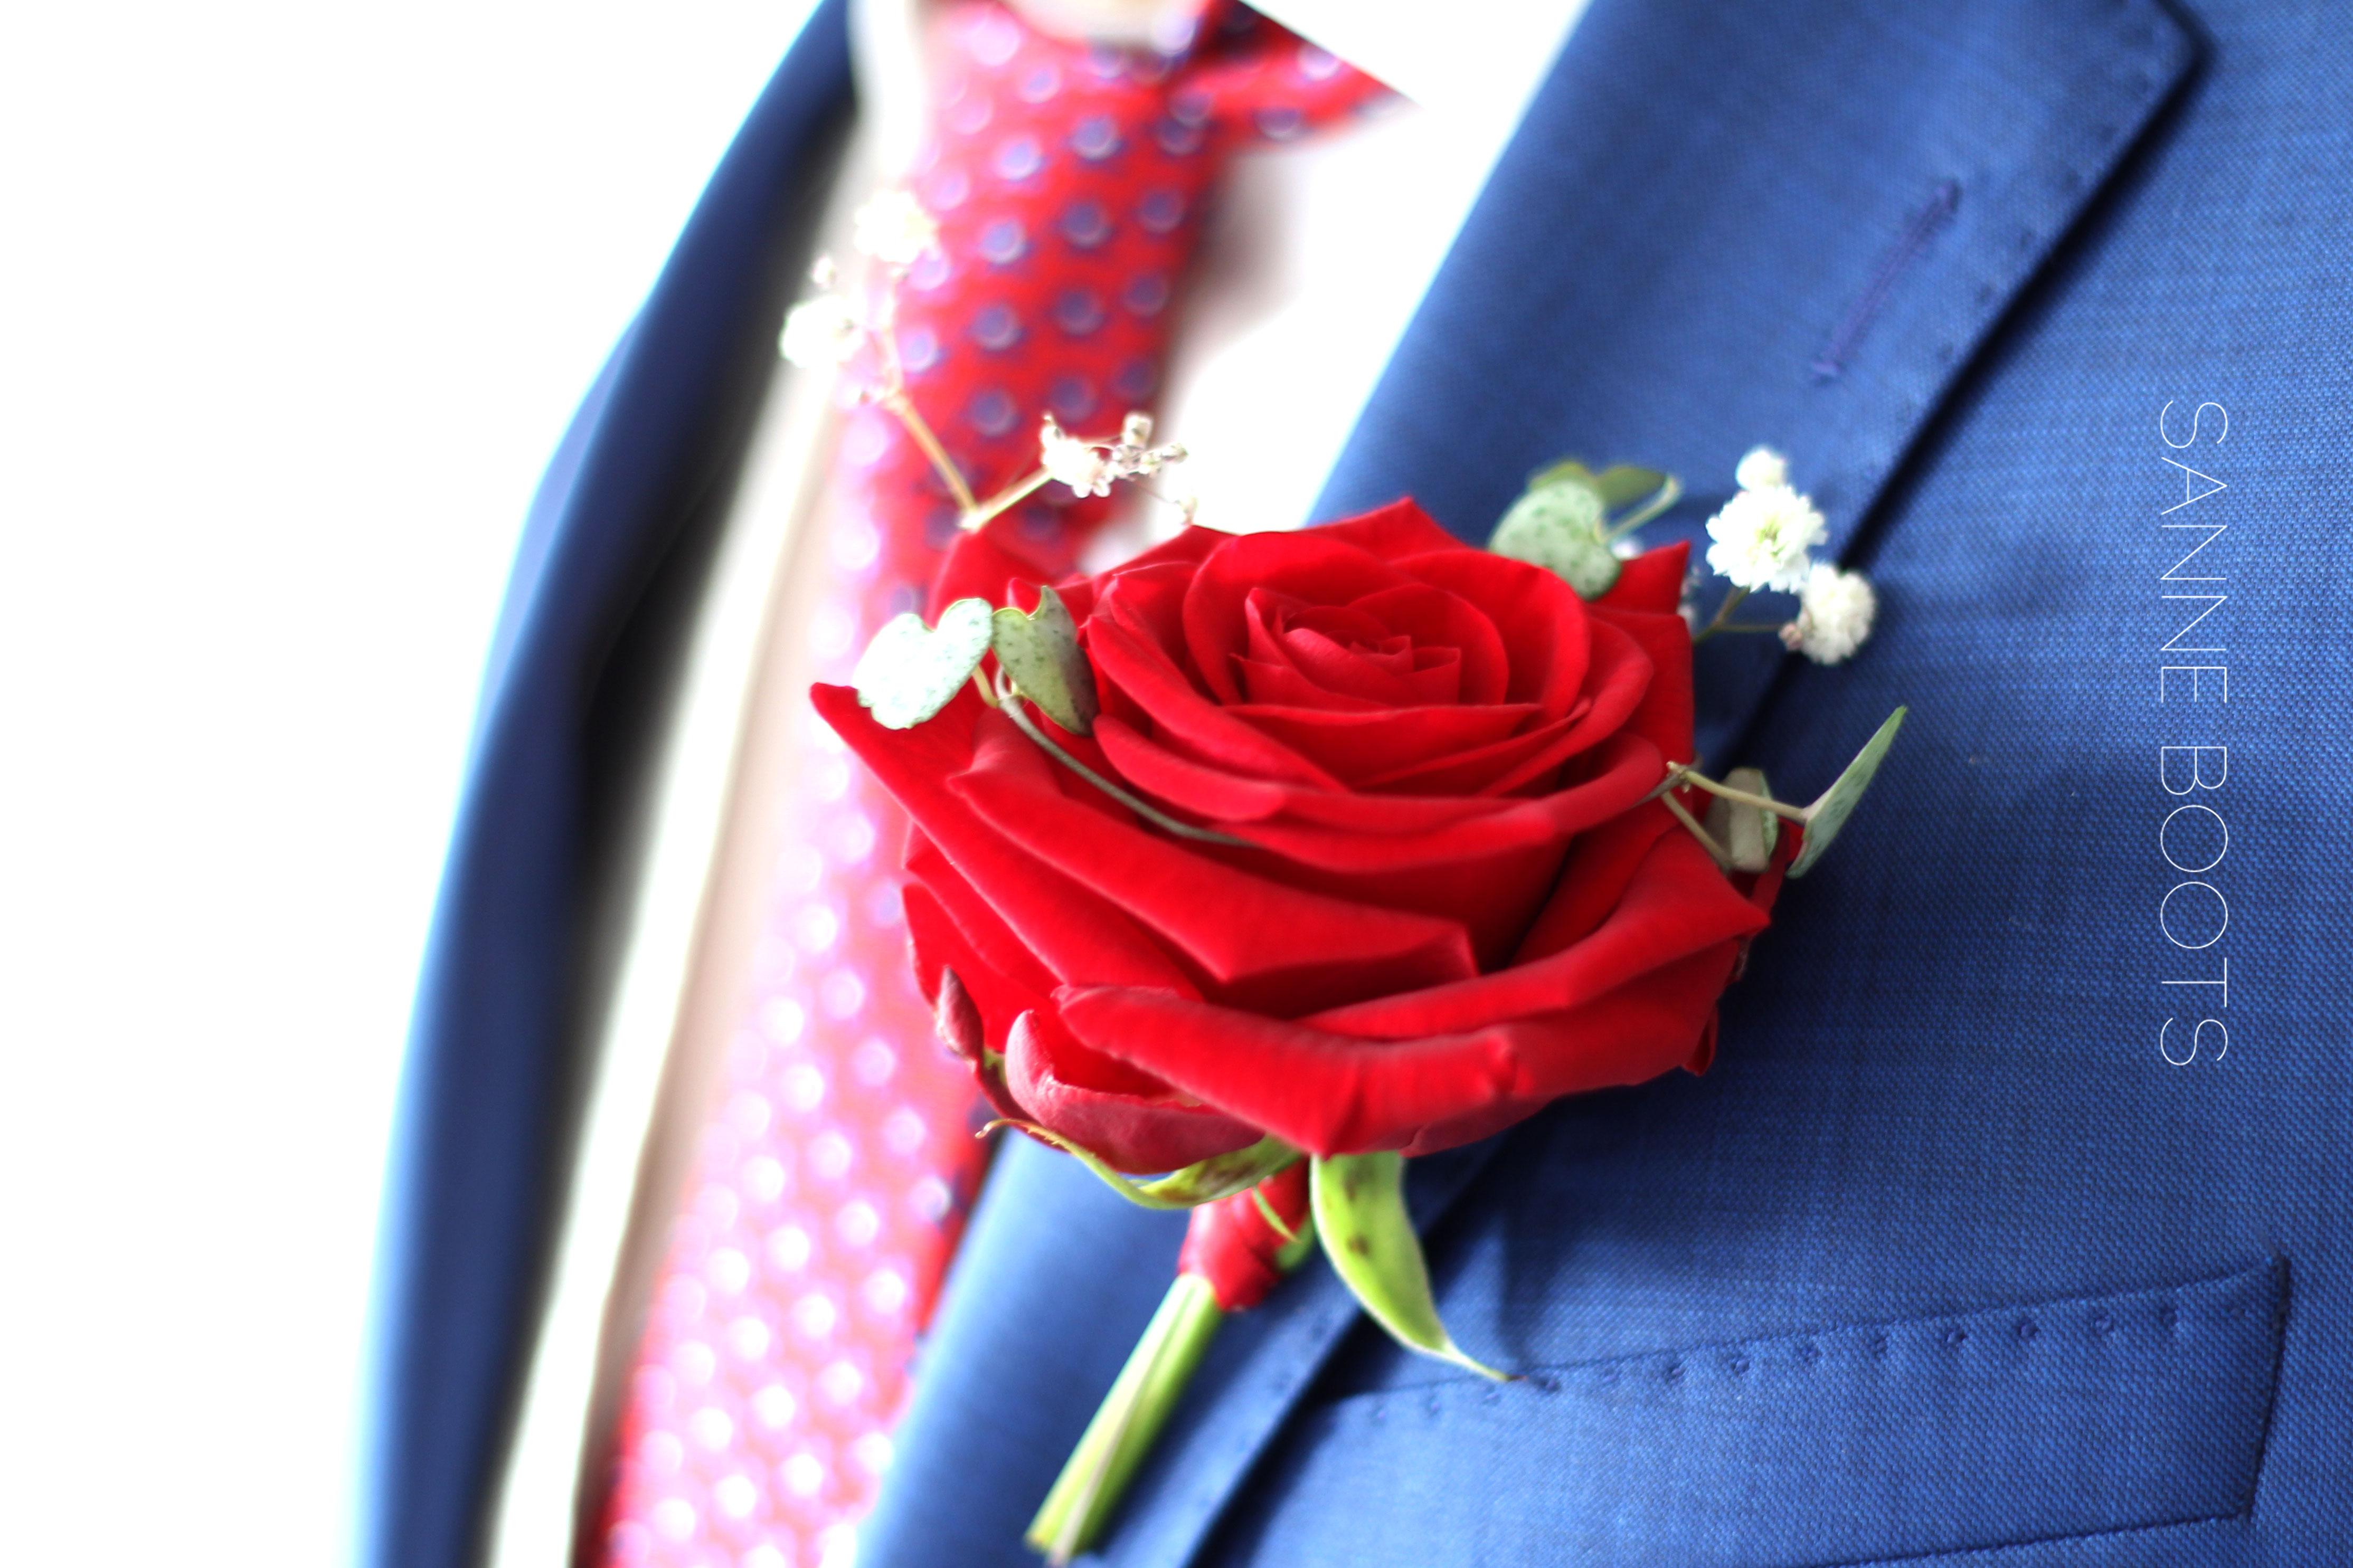 Corsage | Fluweel rode roos met subtiel wat gipskruid en een hangplant